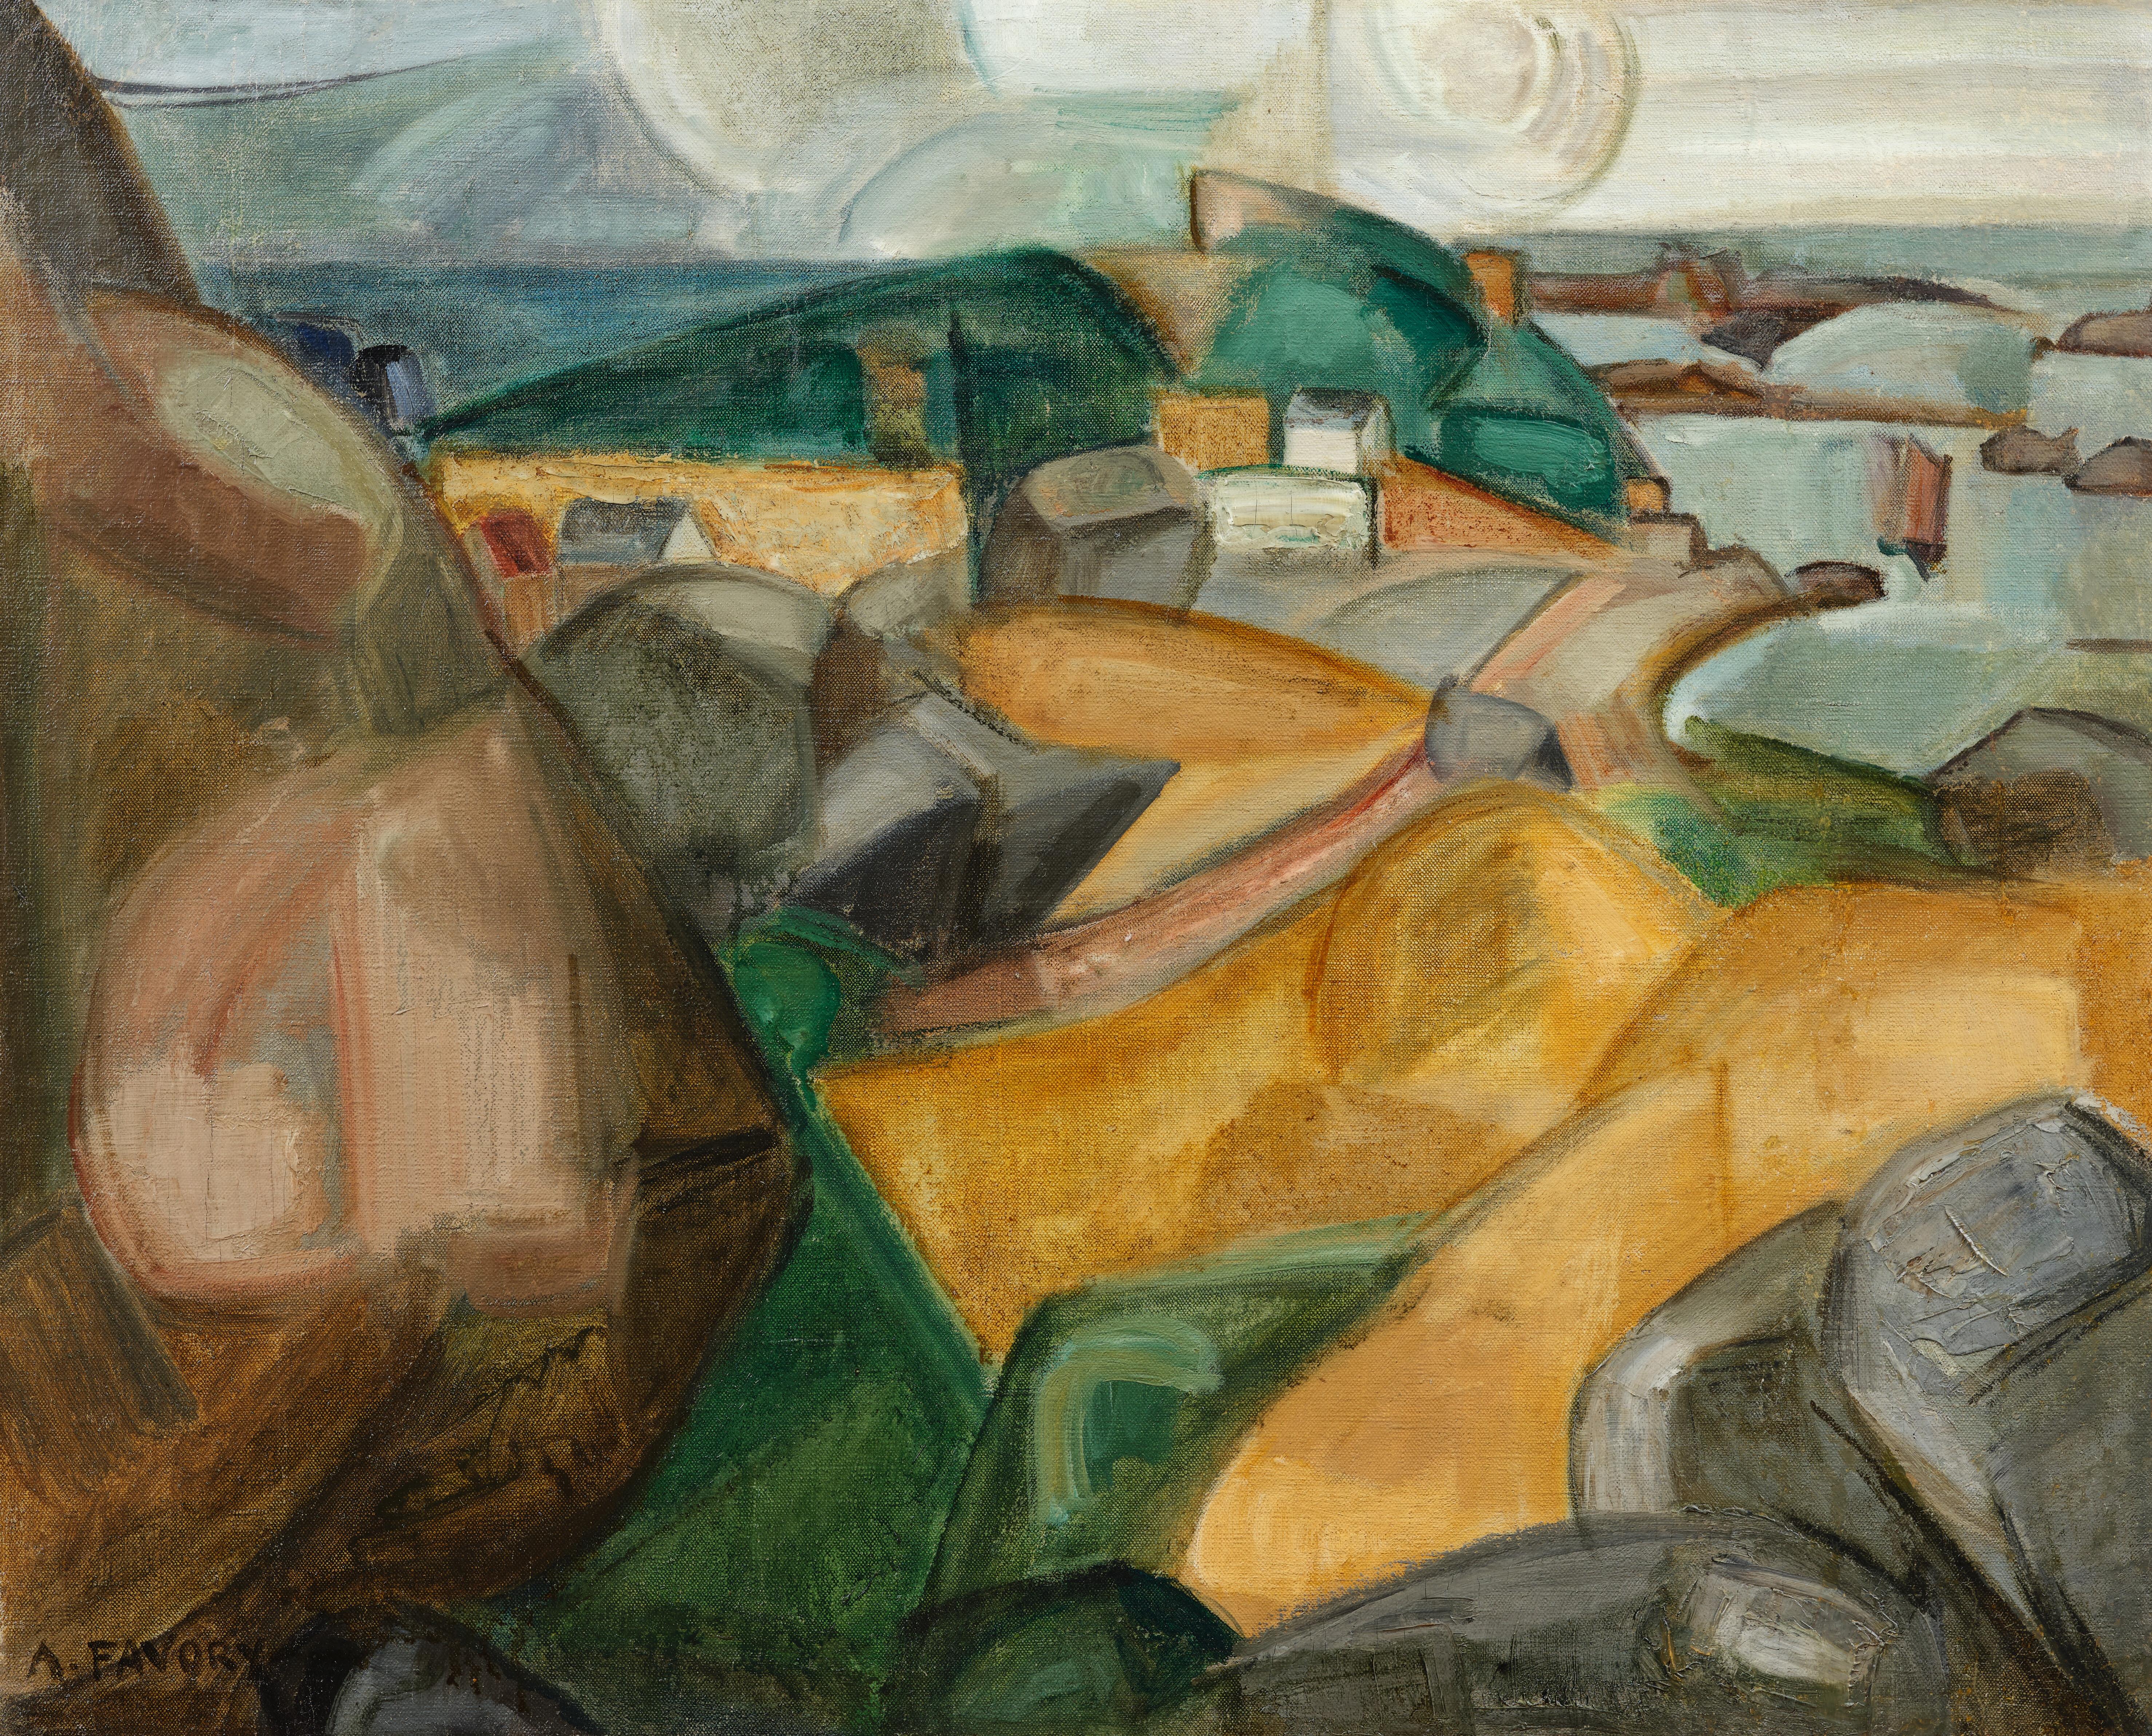 Paysage cubiste, champs de blé en Bretagne - tableau de André Favory, vendu par la galerie Marek & Sons